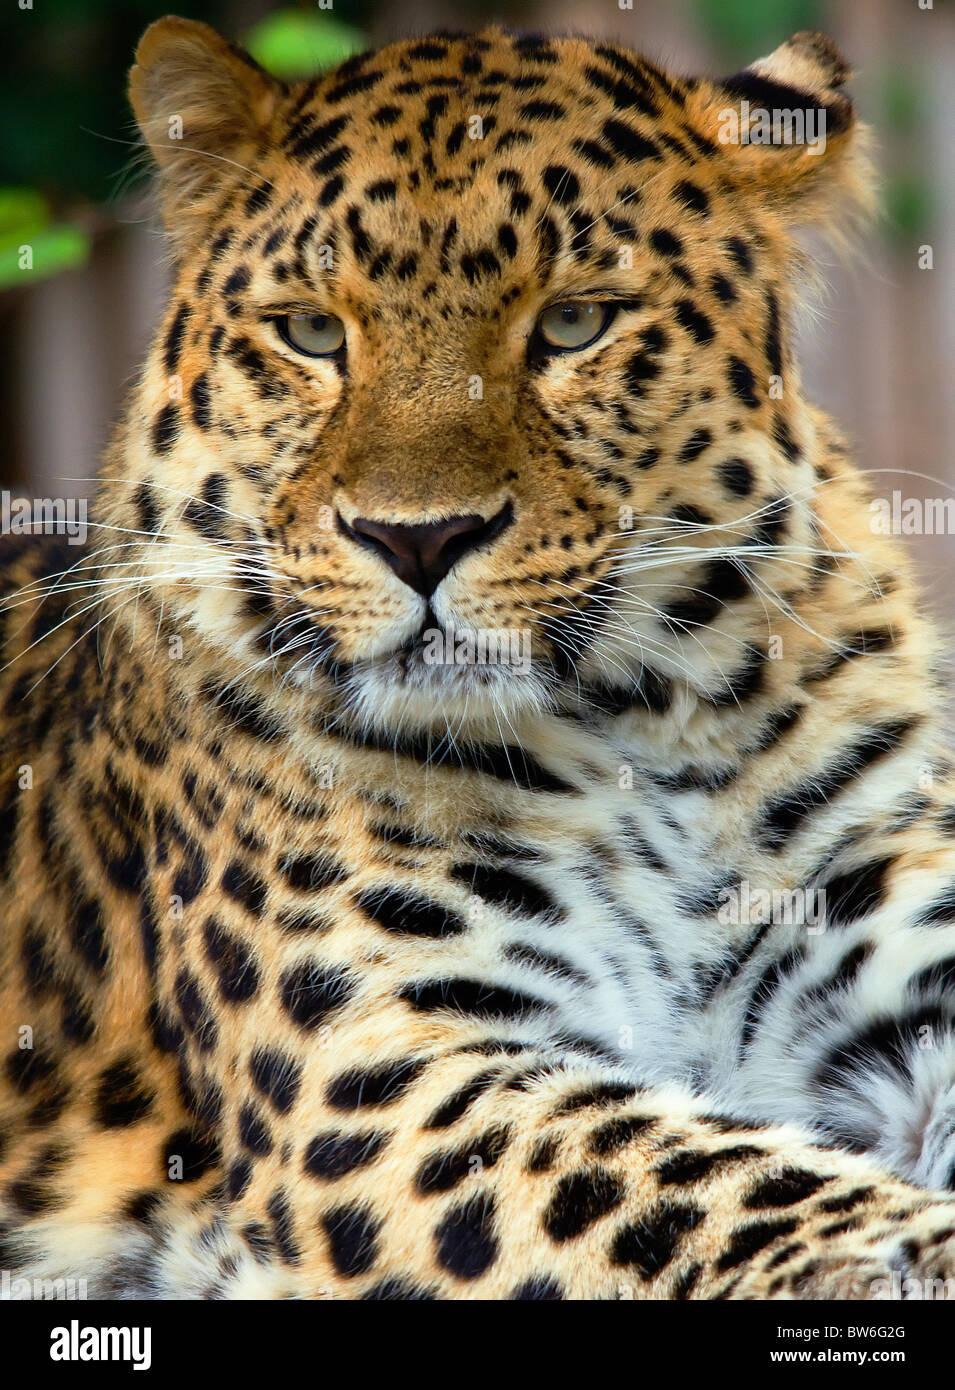 Amur Leopard portrait - Stock Image